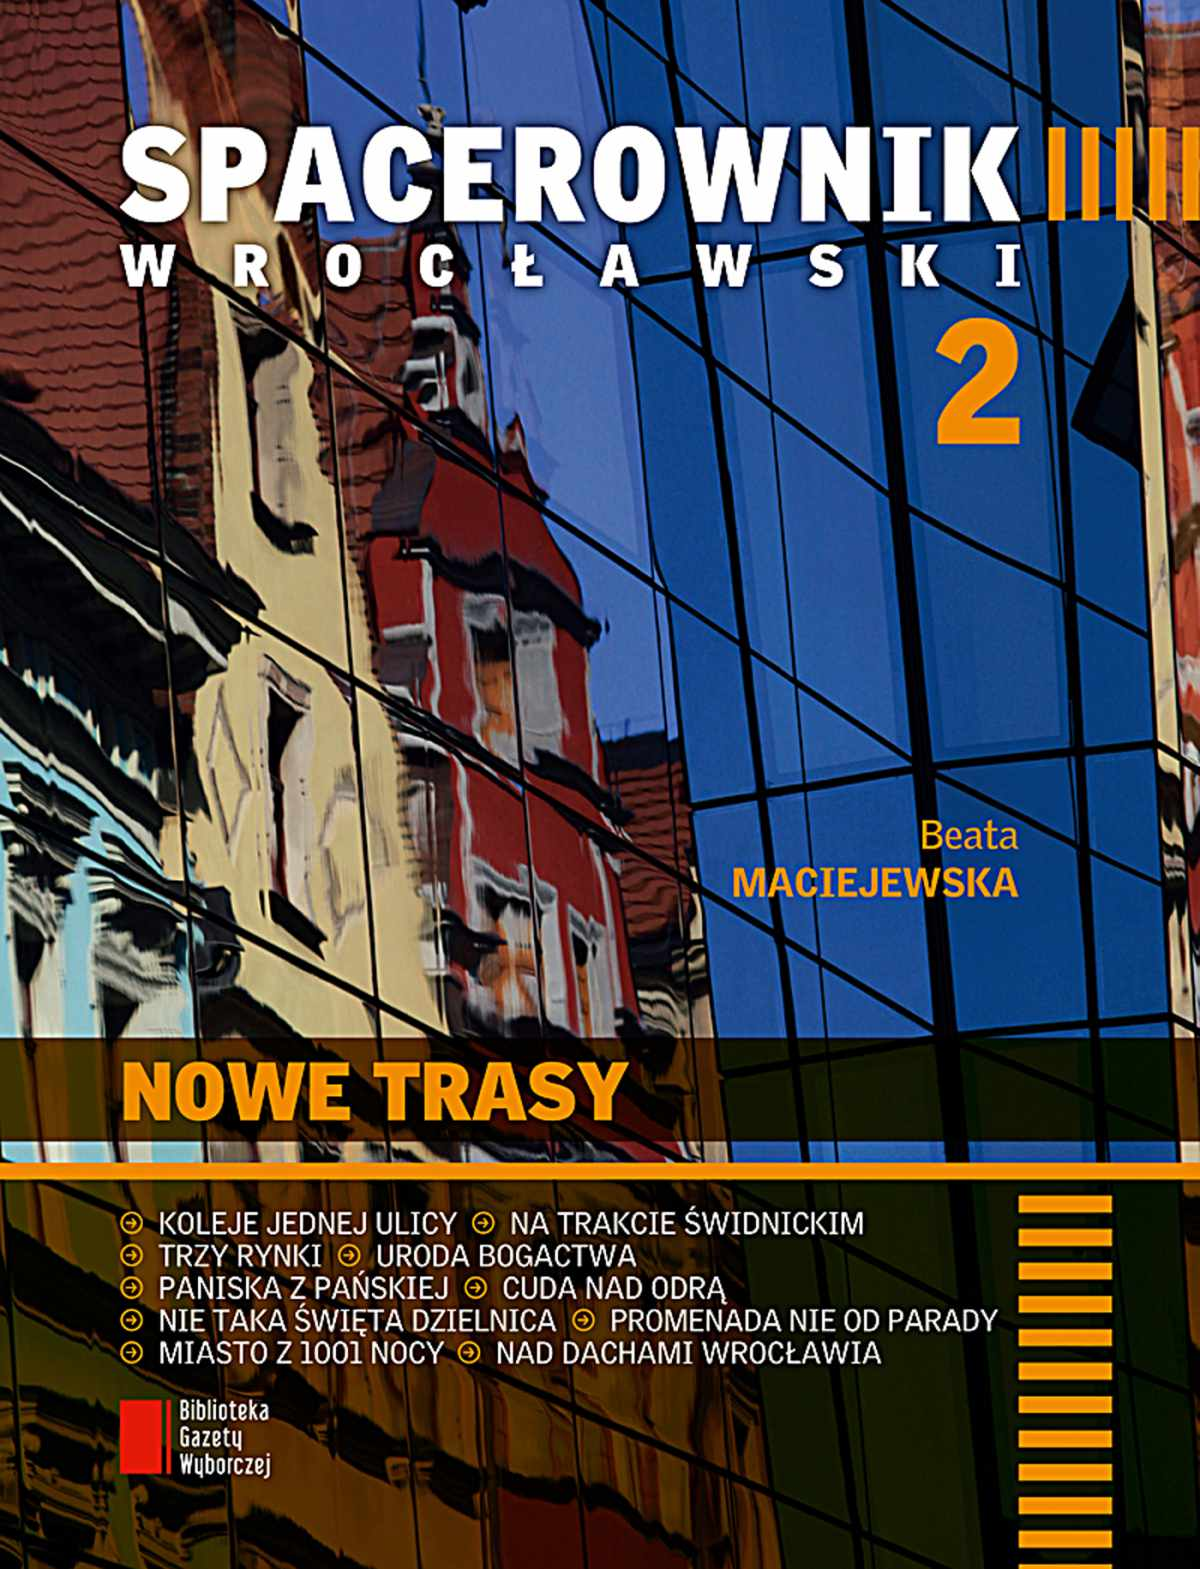 Spacerownik wrocławski. Nowe trasy - Ebook (Książka PDF) do pobrania w formacie PDF